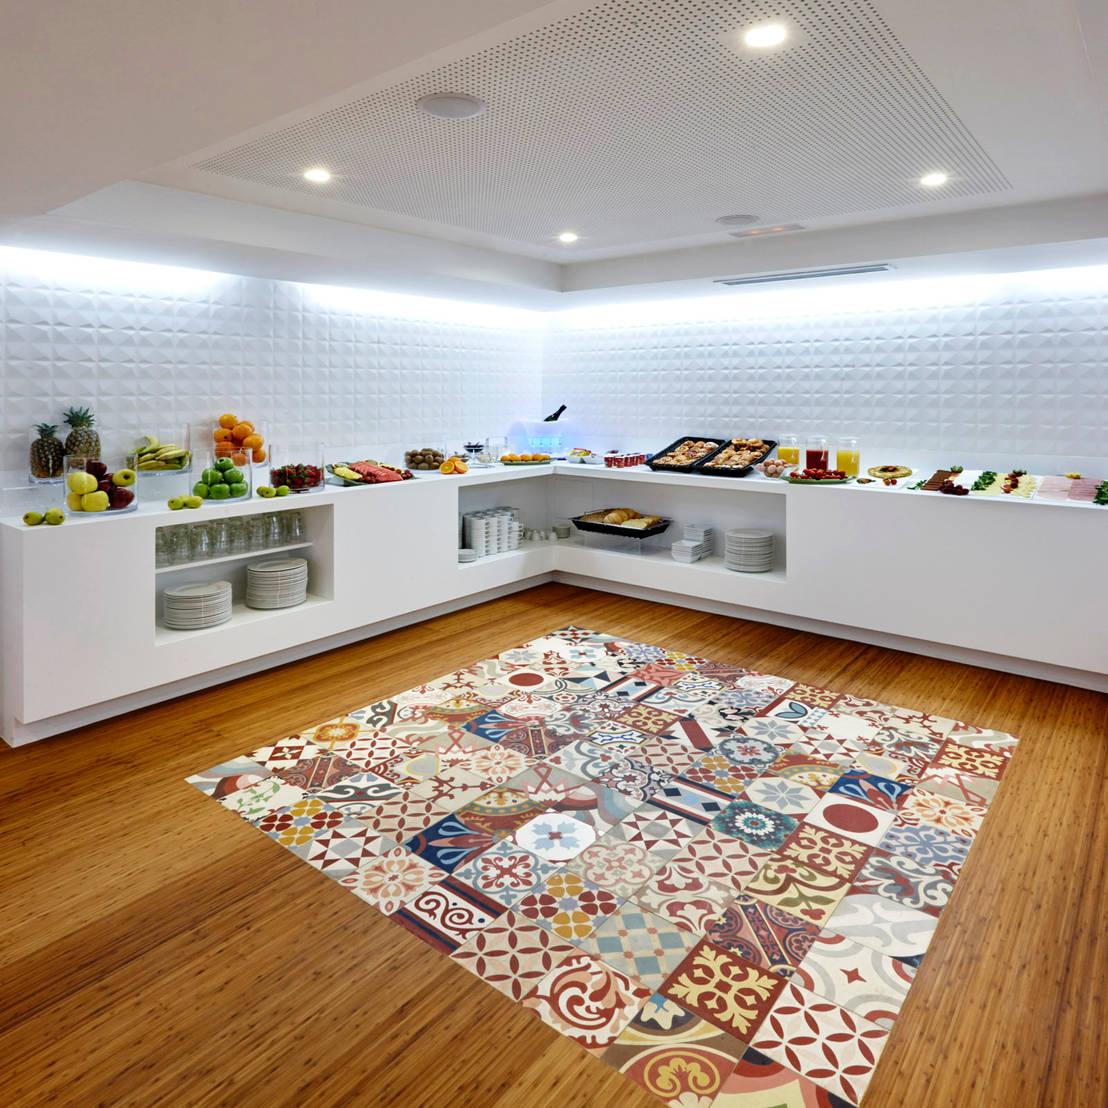 stunning mosaic del sur images. Black Bedroom Furniture Sets. Home Design Ideas